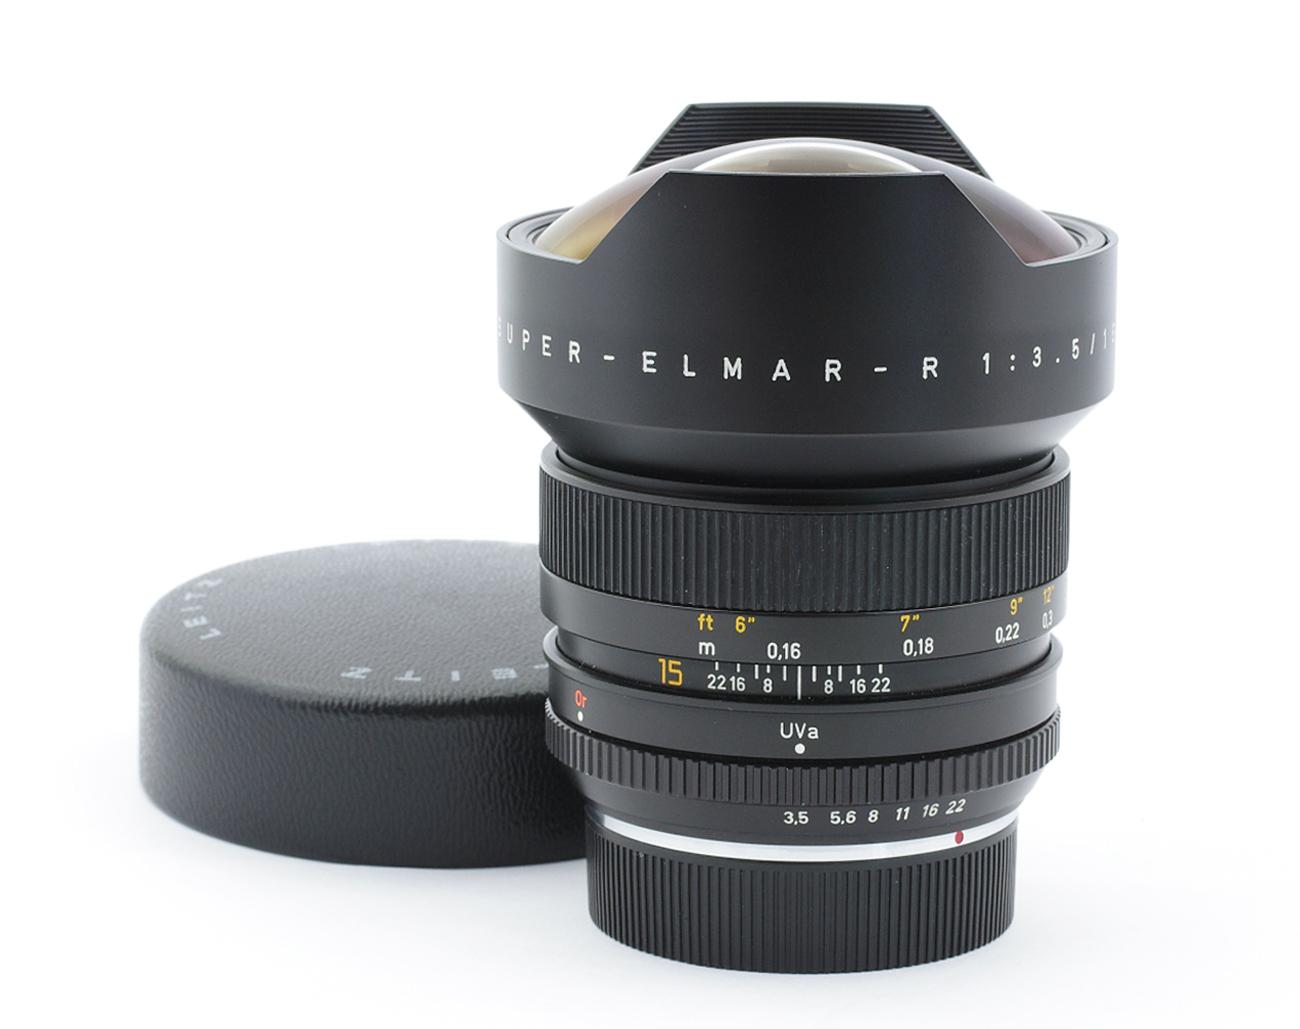 Leica-R-Super-Elmar-3-5-15-mm-3217743-Germany-Lens-SCRATCH